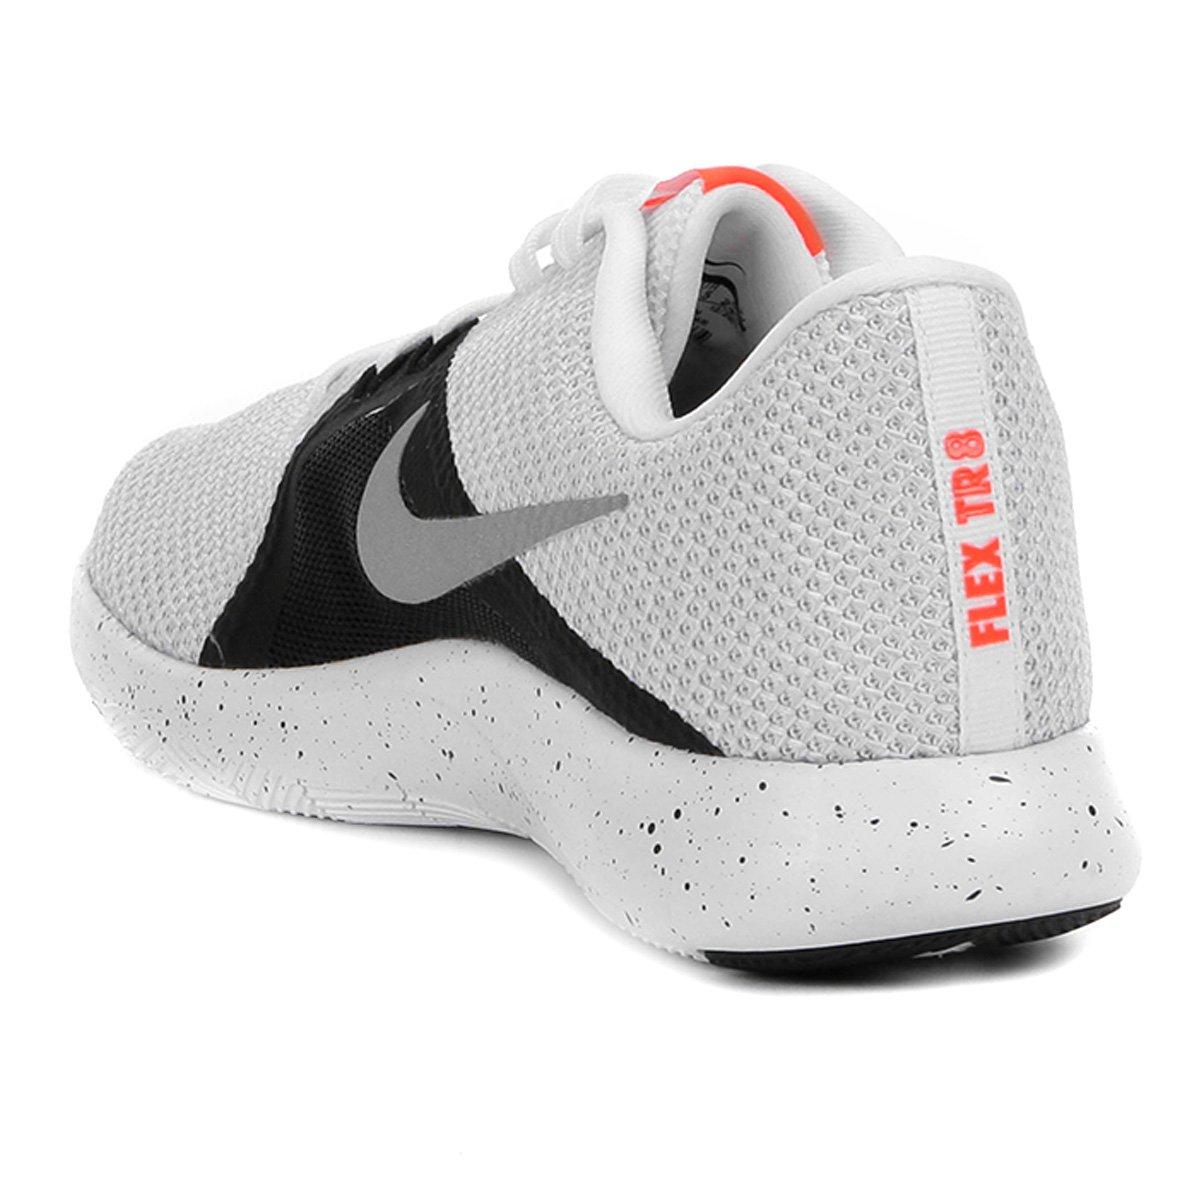 0f9f772c38 Tênis Nike Flex Trainer 8 Feminino - Branco e prata - Compre Agora ...